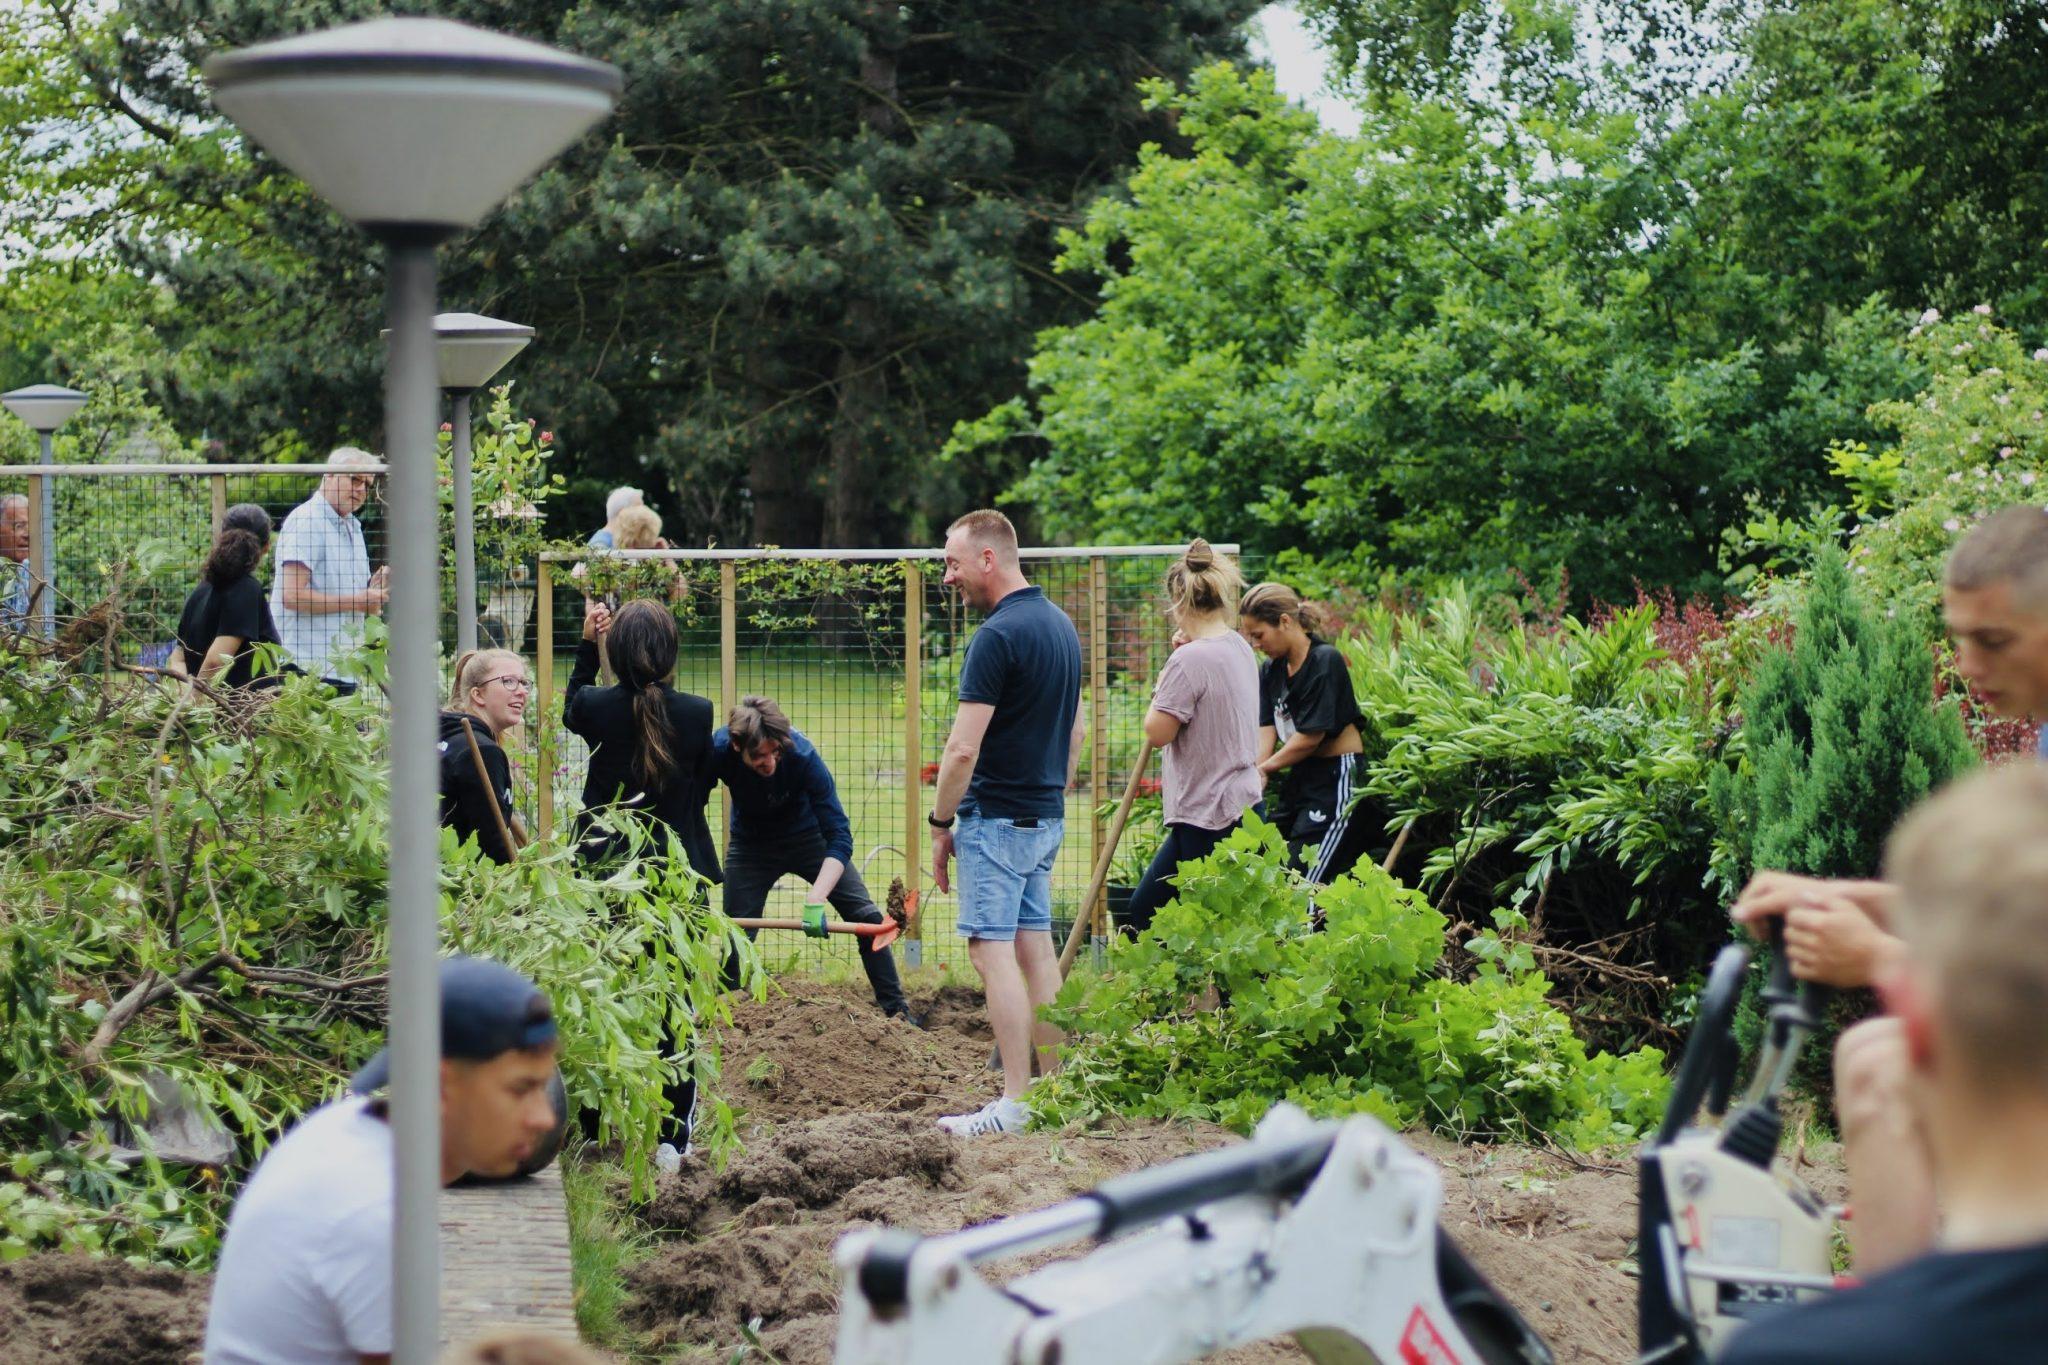 Tuincommissie de Zwaluwenstraat is officieel een feit! 🌱🌳